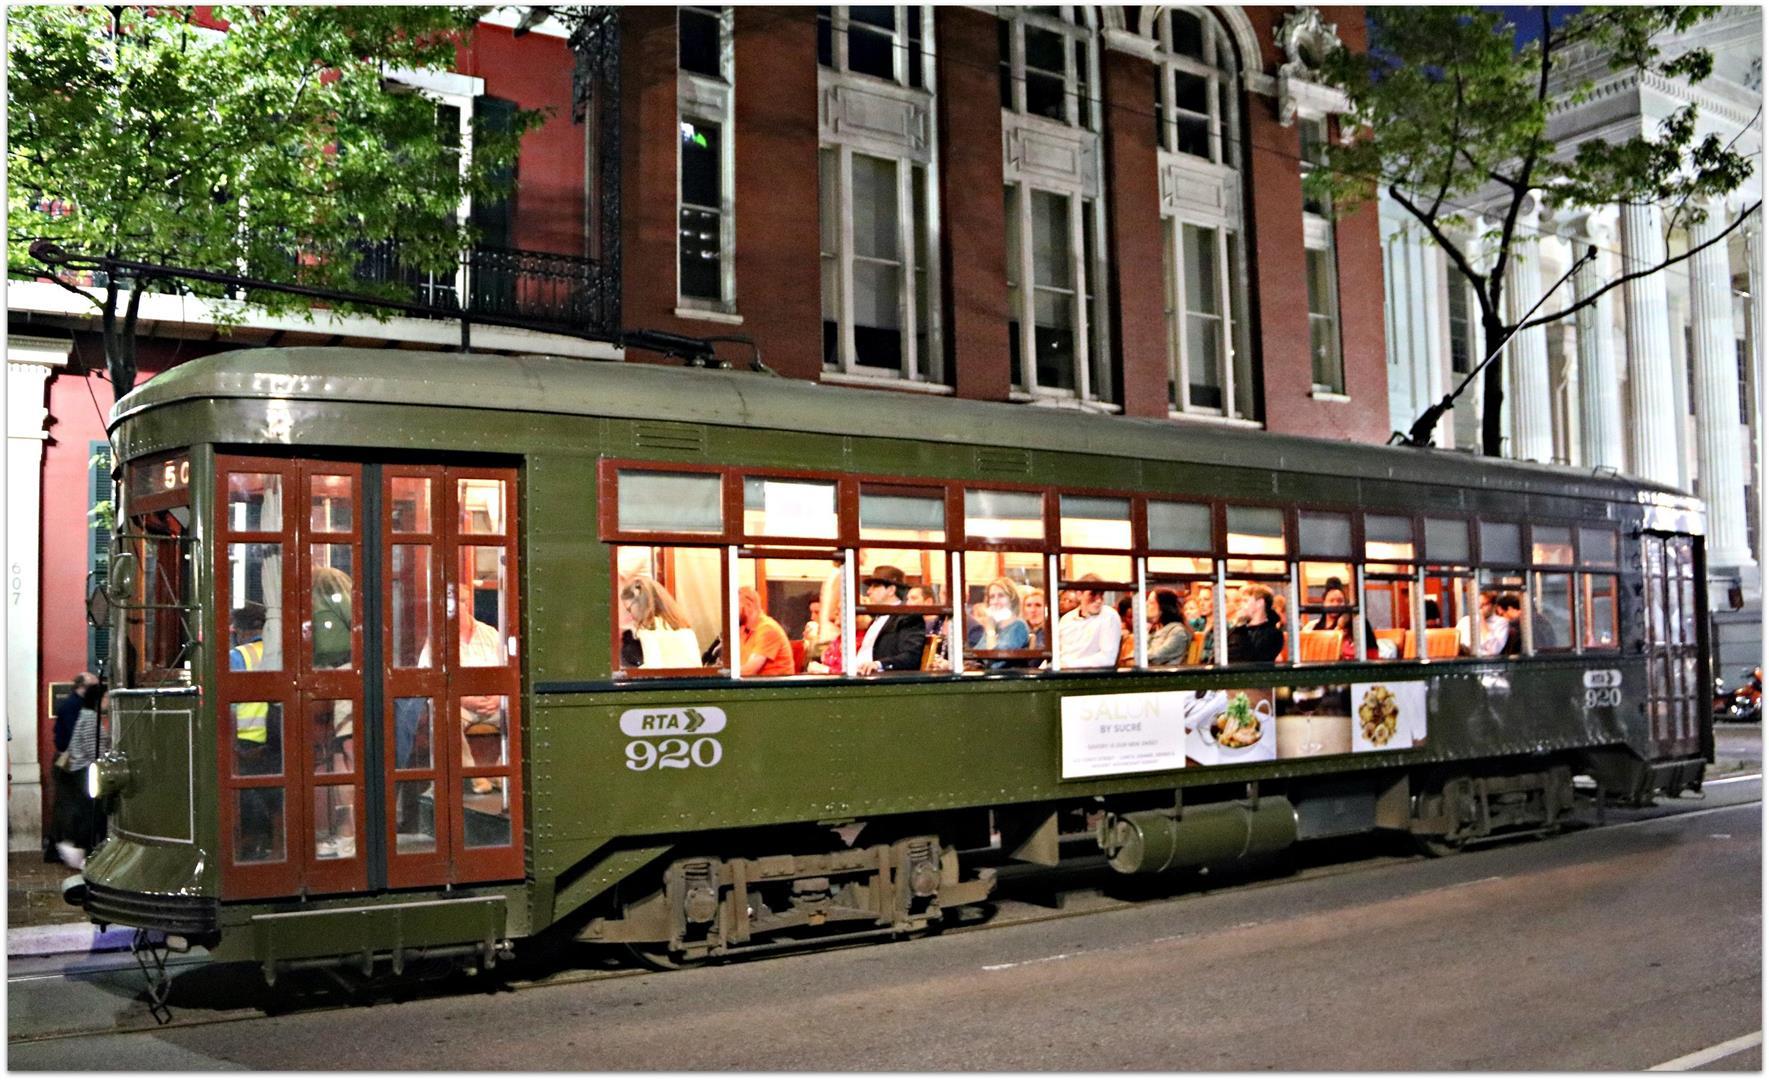 Streetcar920onSt.Charles.jpg